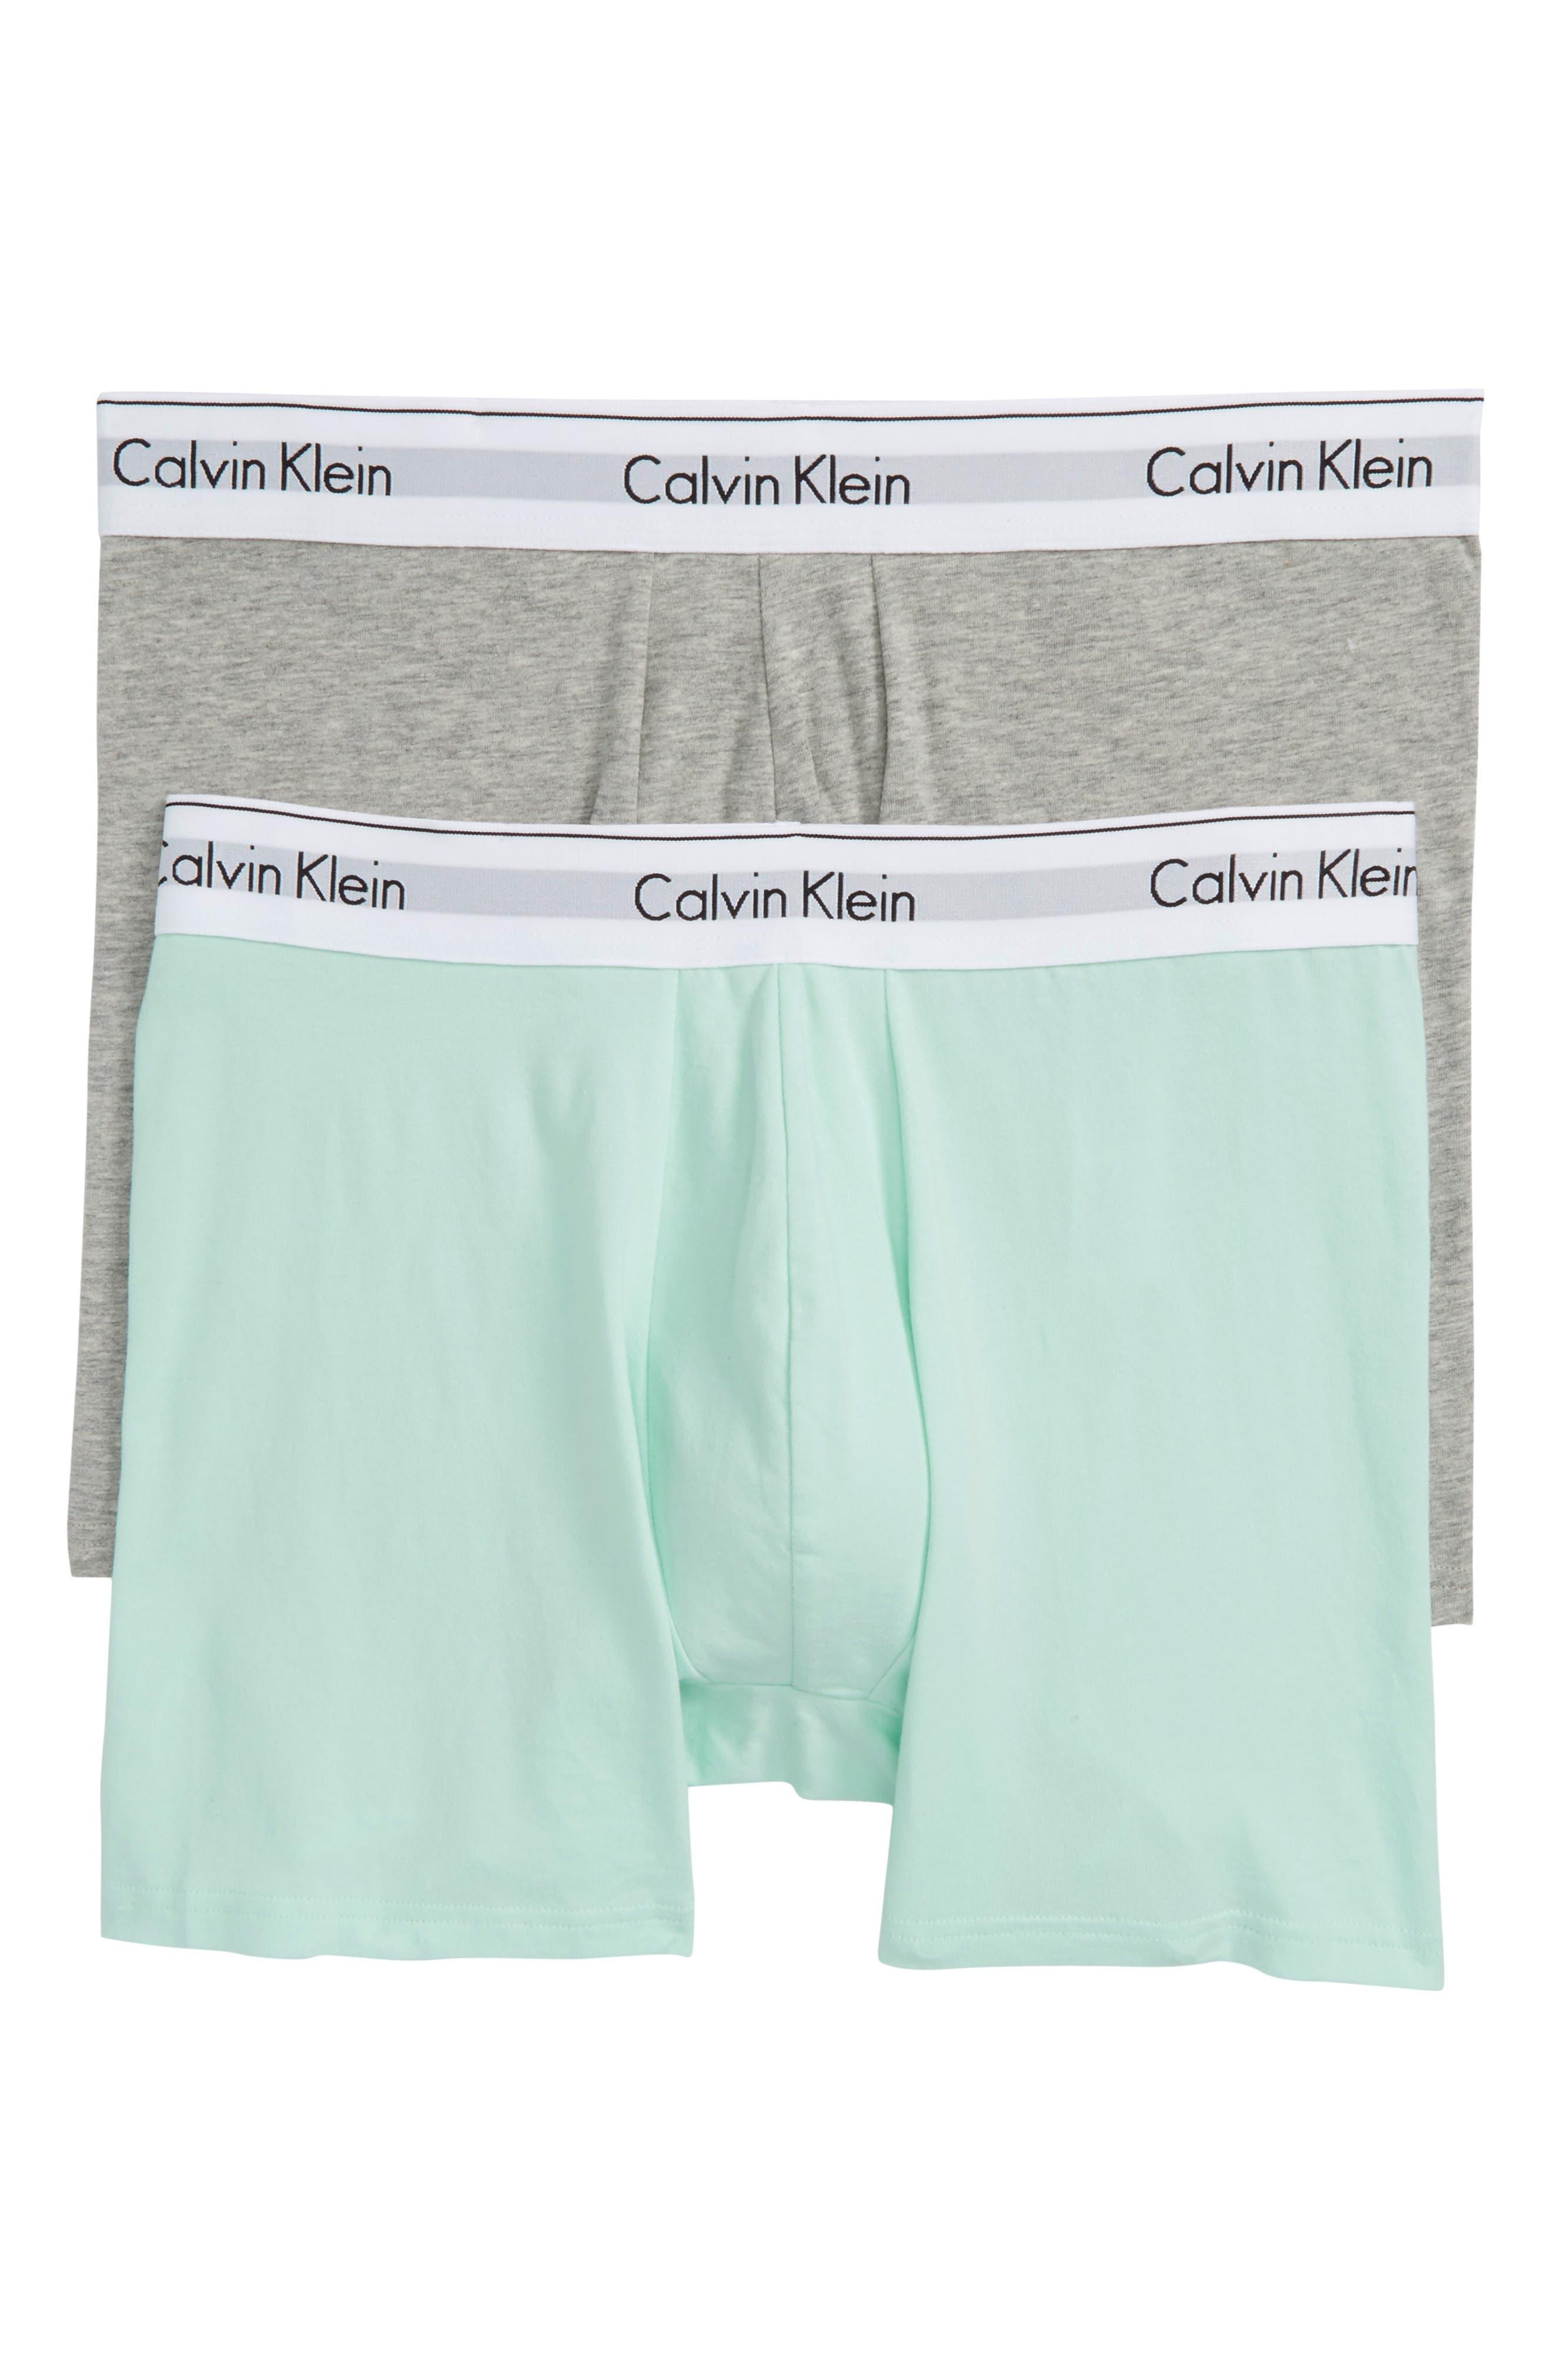 Calvin Klein Modern Assorted 2-Pack Stretch Cotton Boxer Briefs